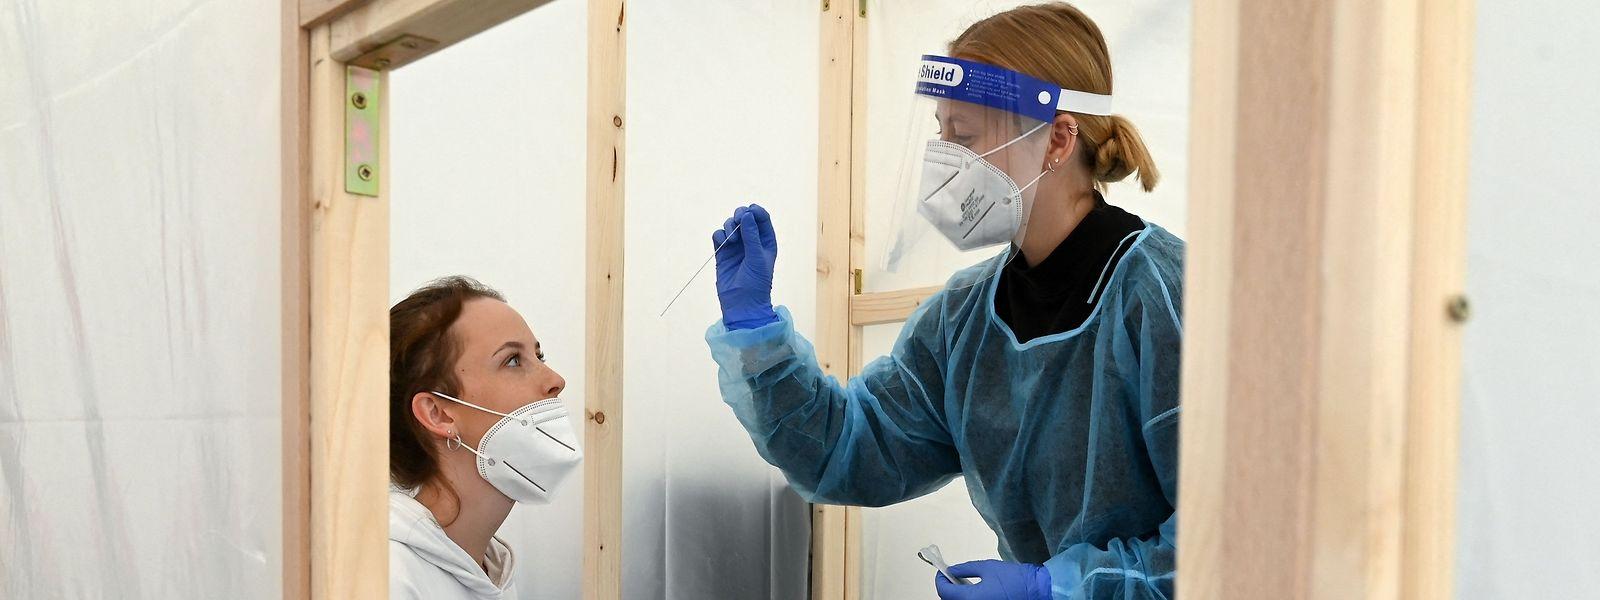 Depuis le début de l'épidémie, 3,1 millions de tests PCR ont déjà été analysés au Grand-Duché.